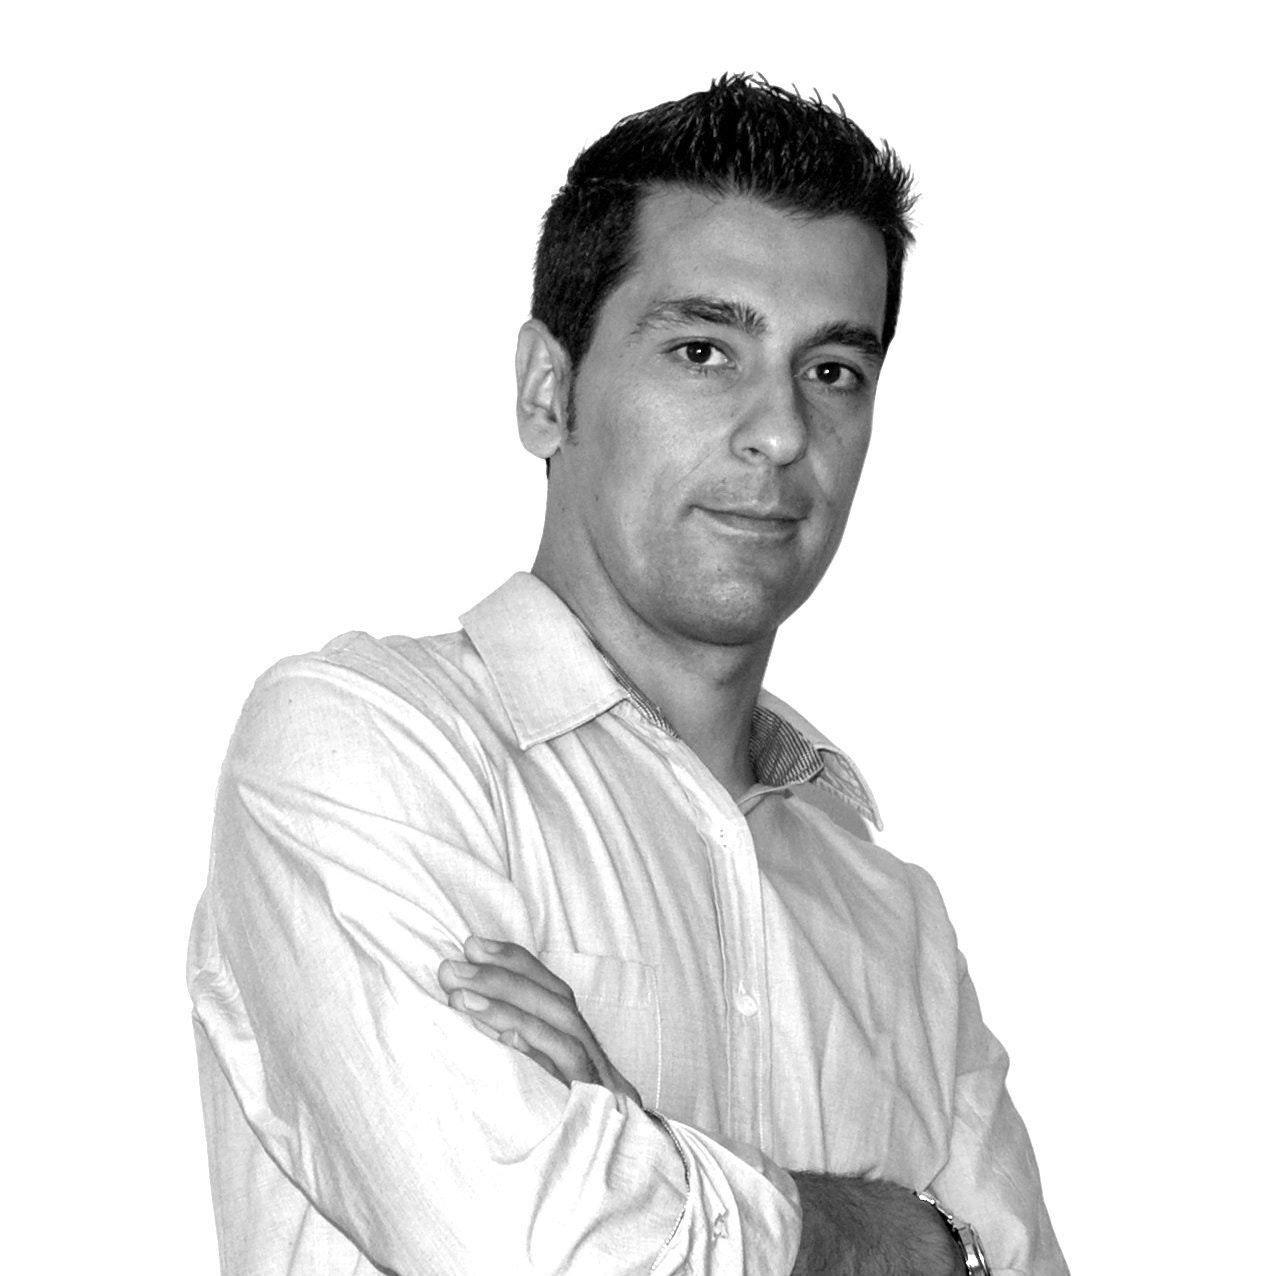 Antonio Cozar